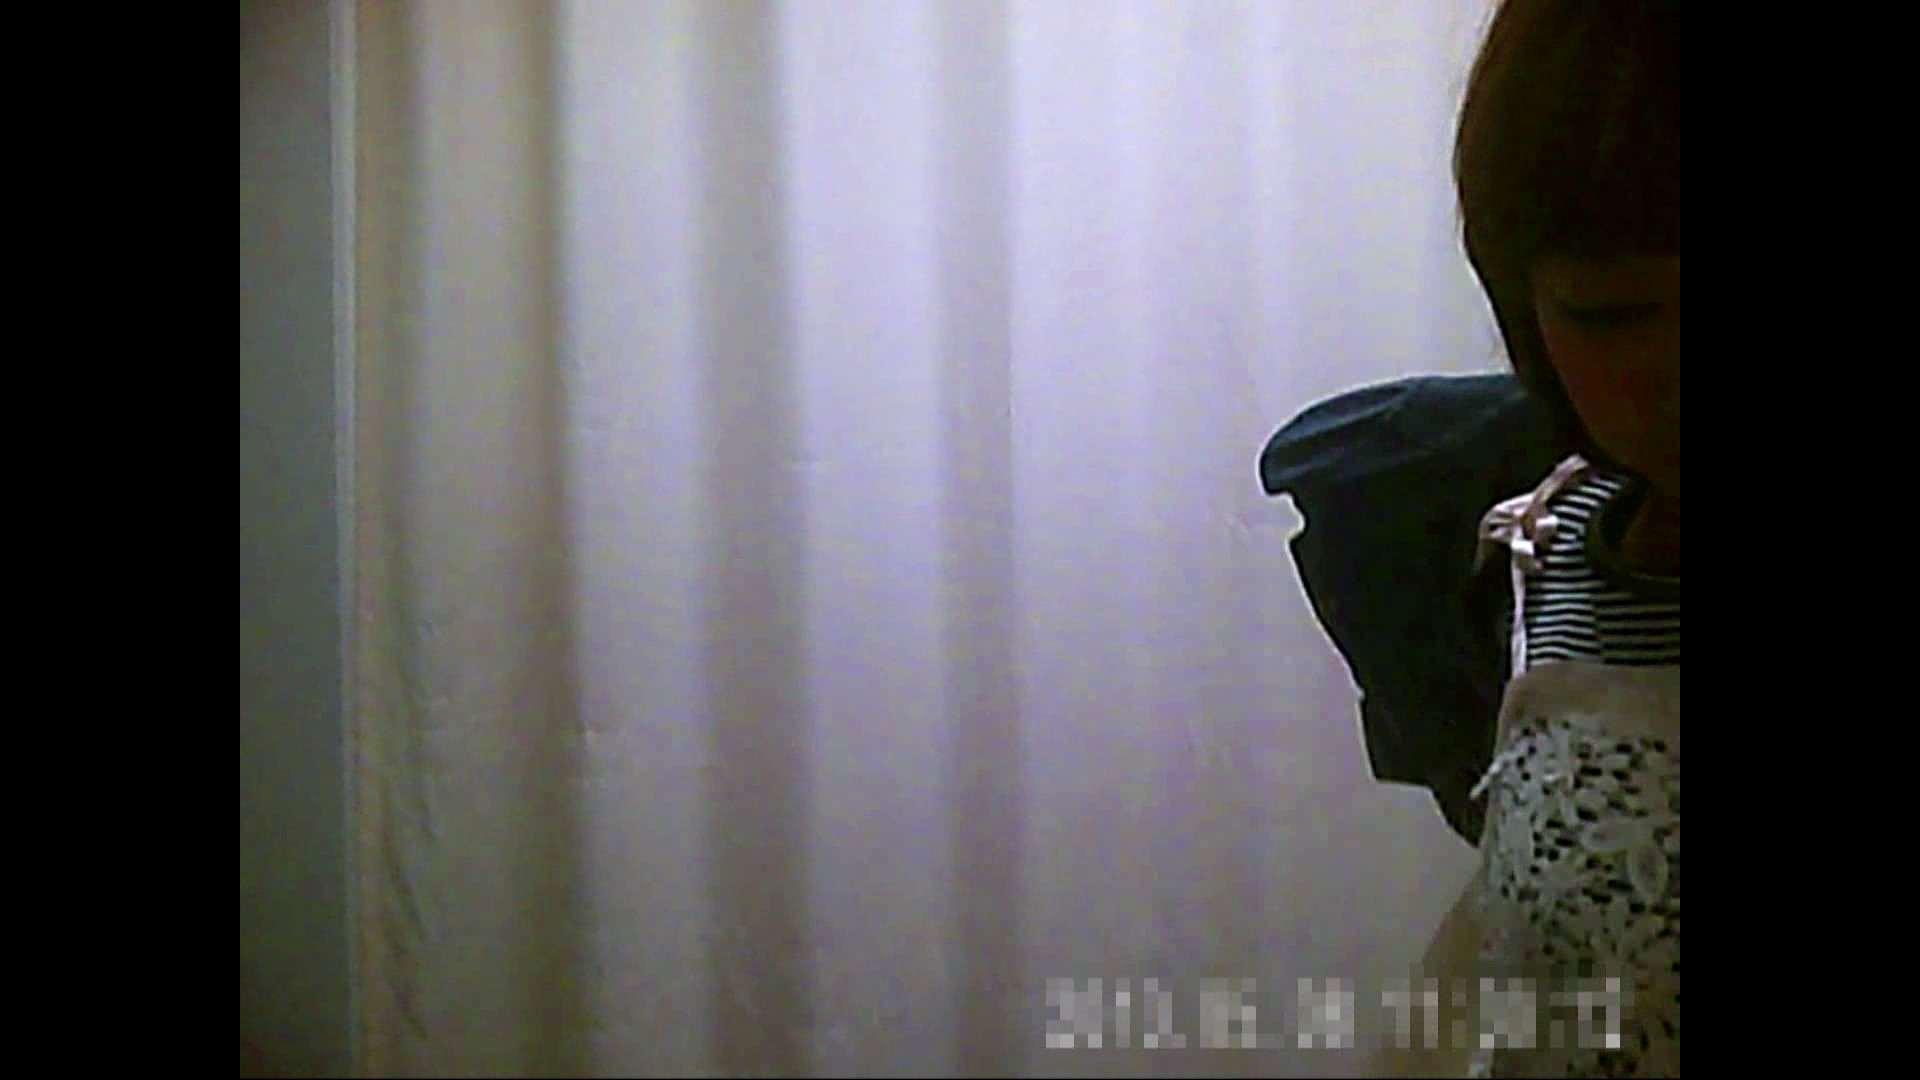 病院おもいっきり着替え! vol.209 盗撮 すけべAV動画紹介 86画像 44